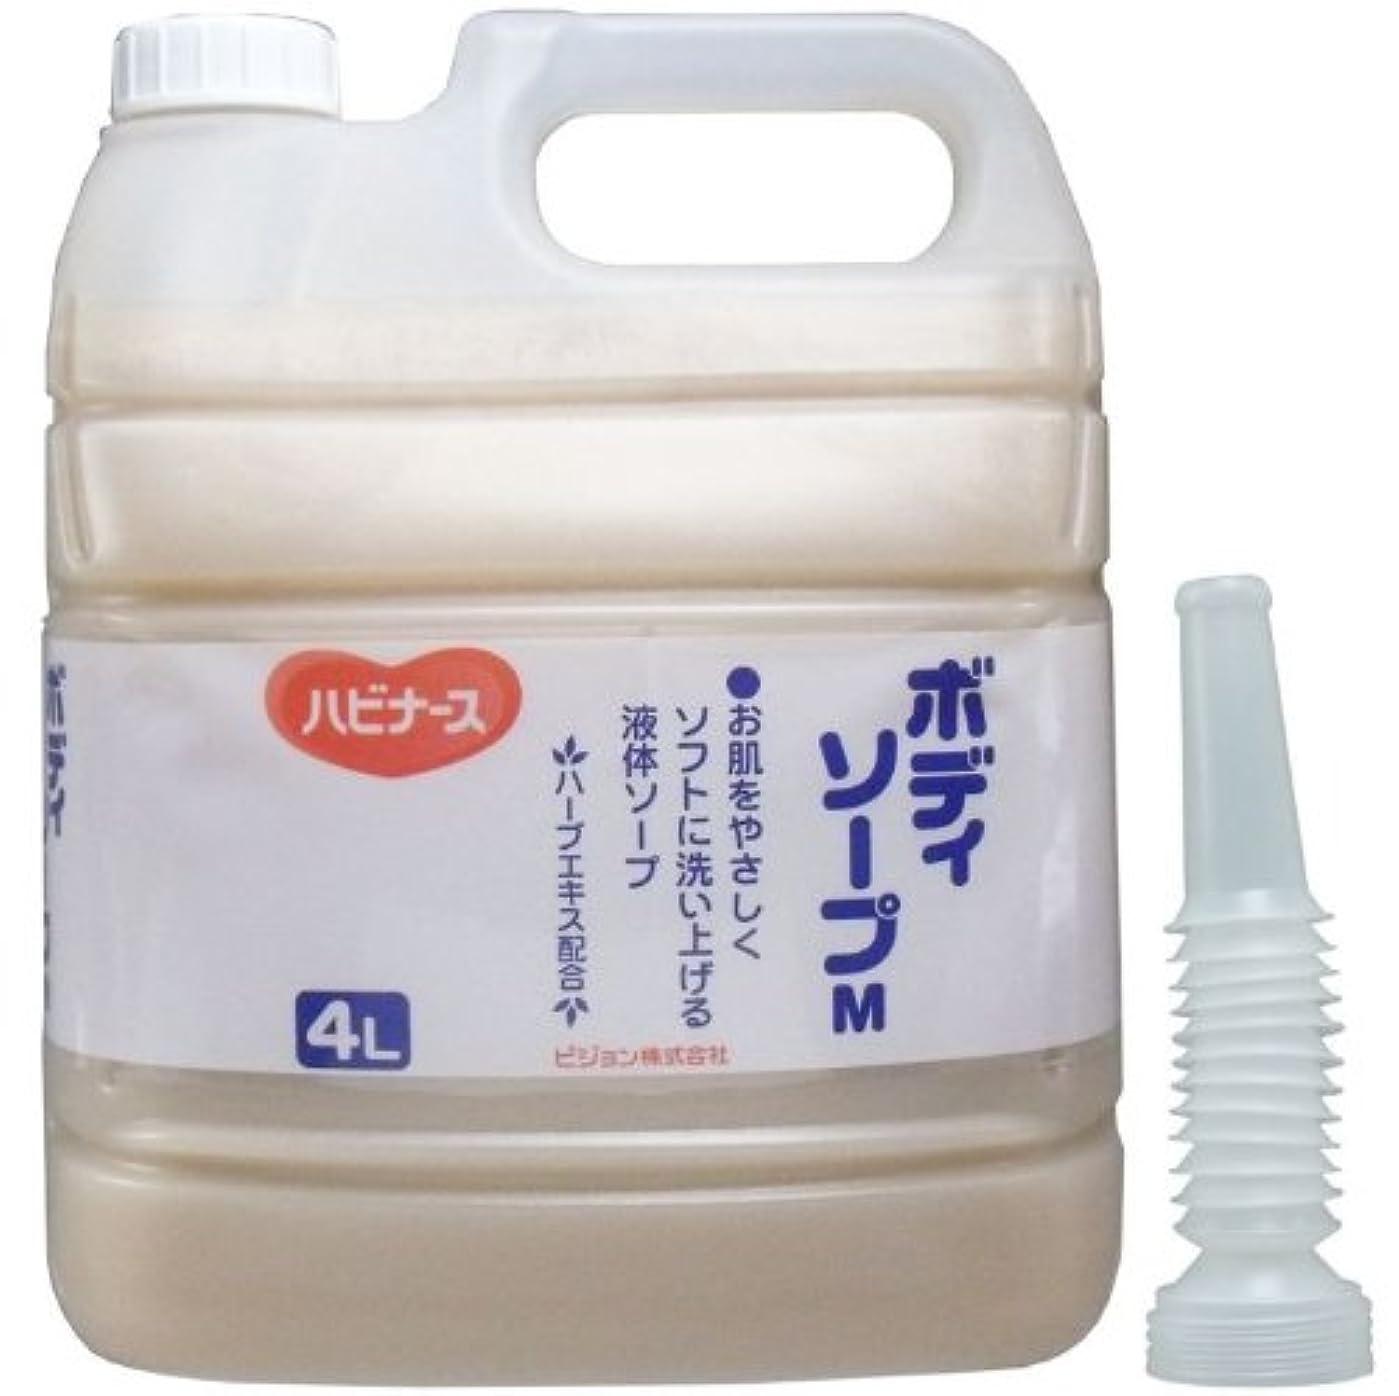 冷笑する傷つける起こりやすい液体ソープ ボディソープ 風呂 石ケン お肌をやさしくソフトに洗い上げる!業務用 4L【5個セット】